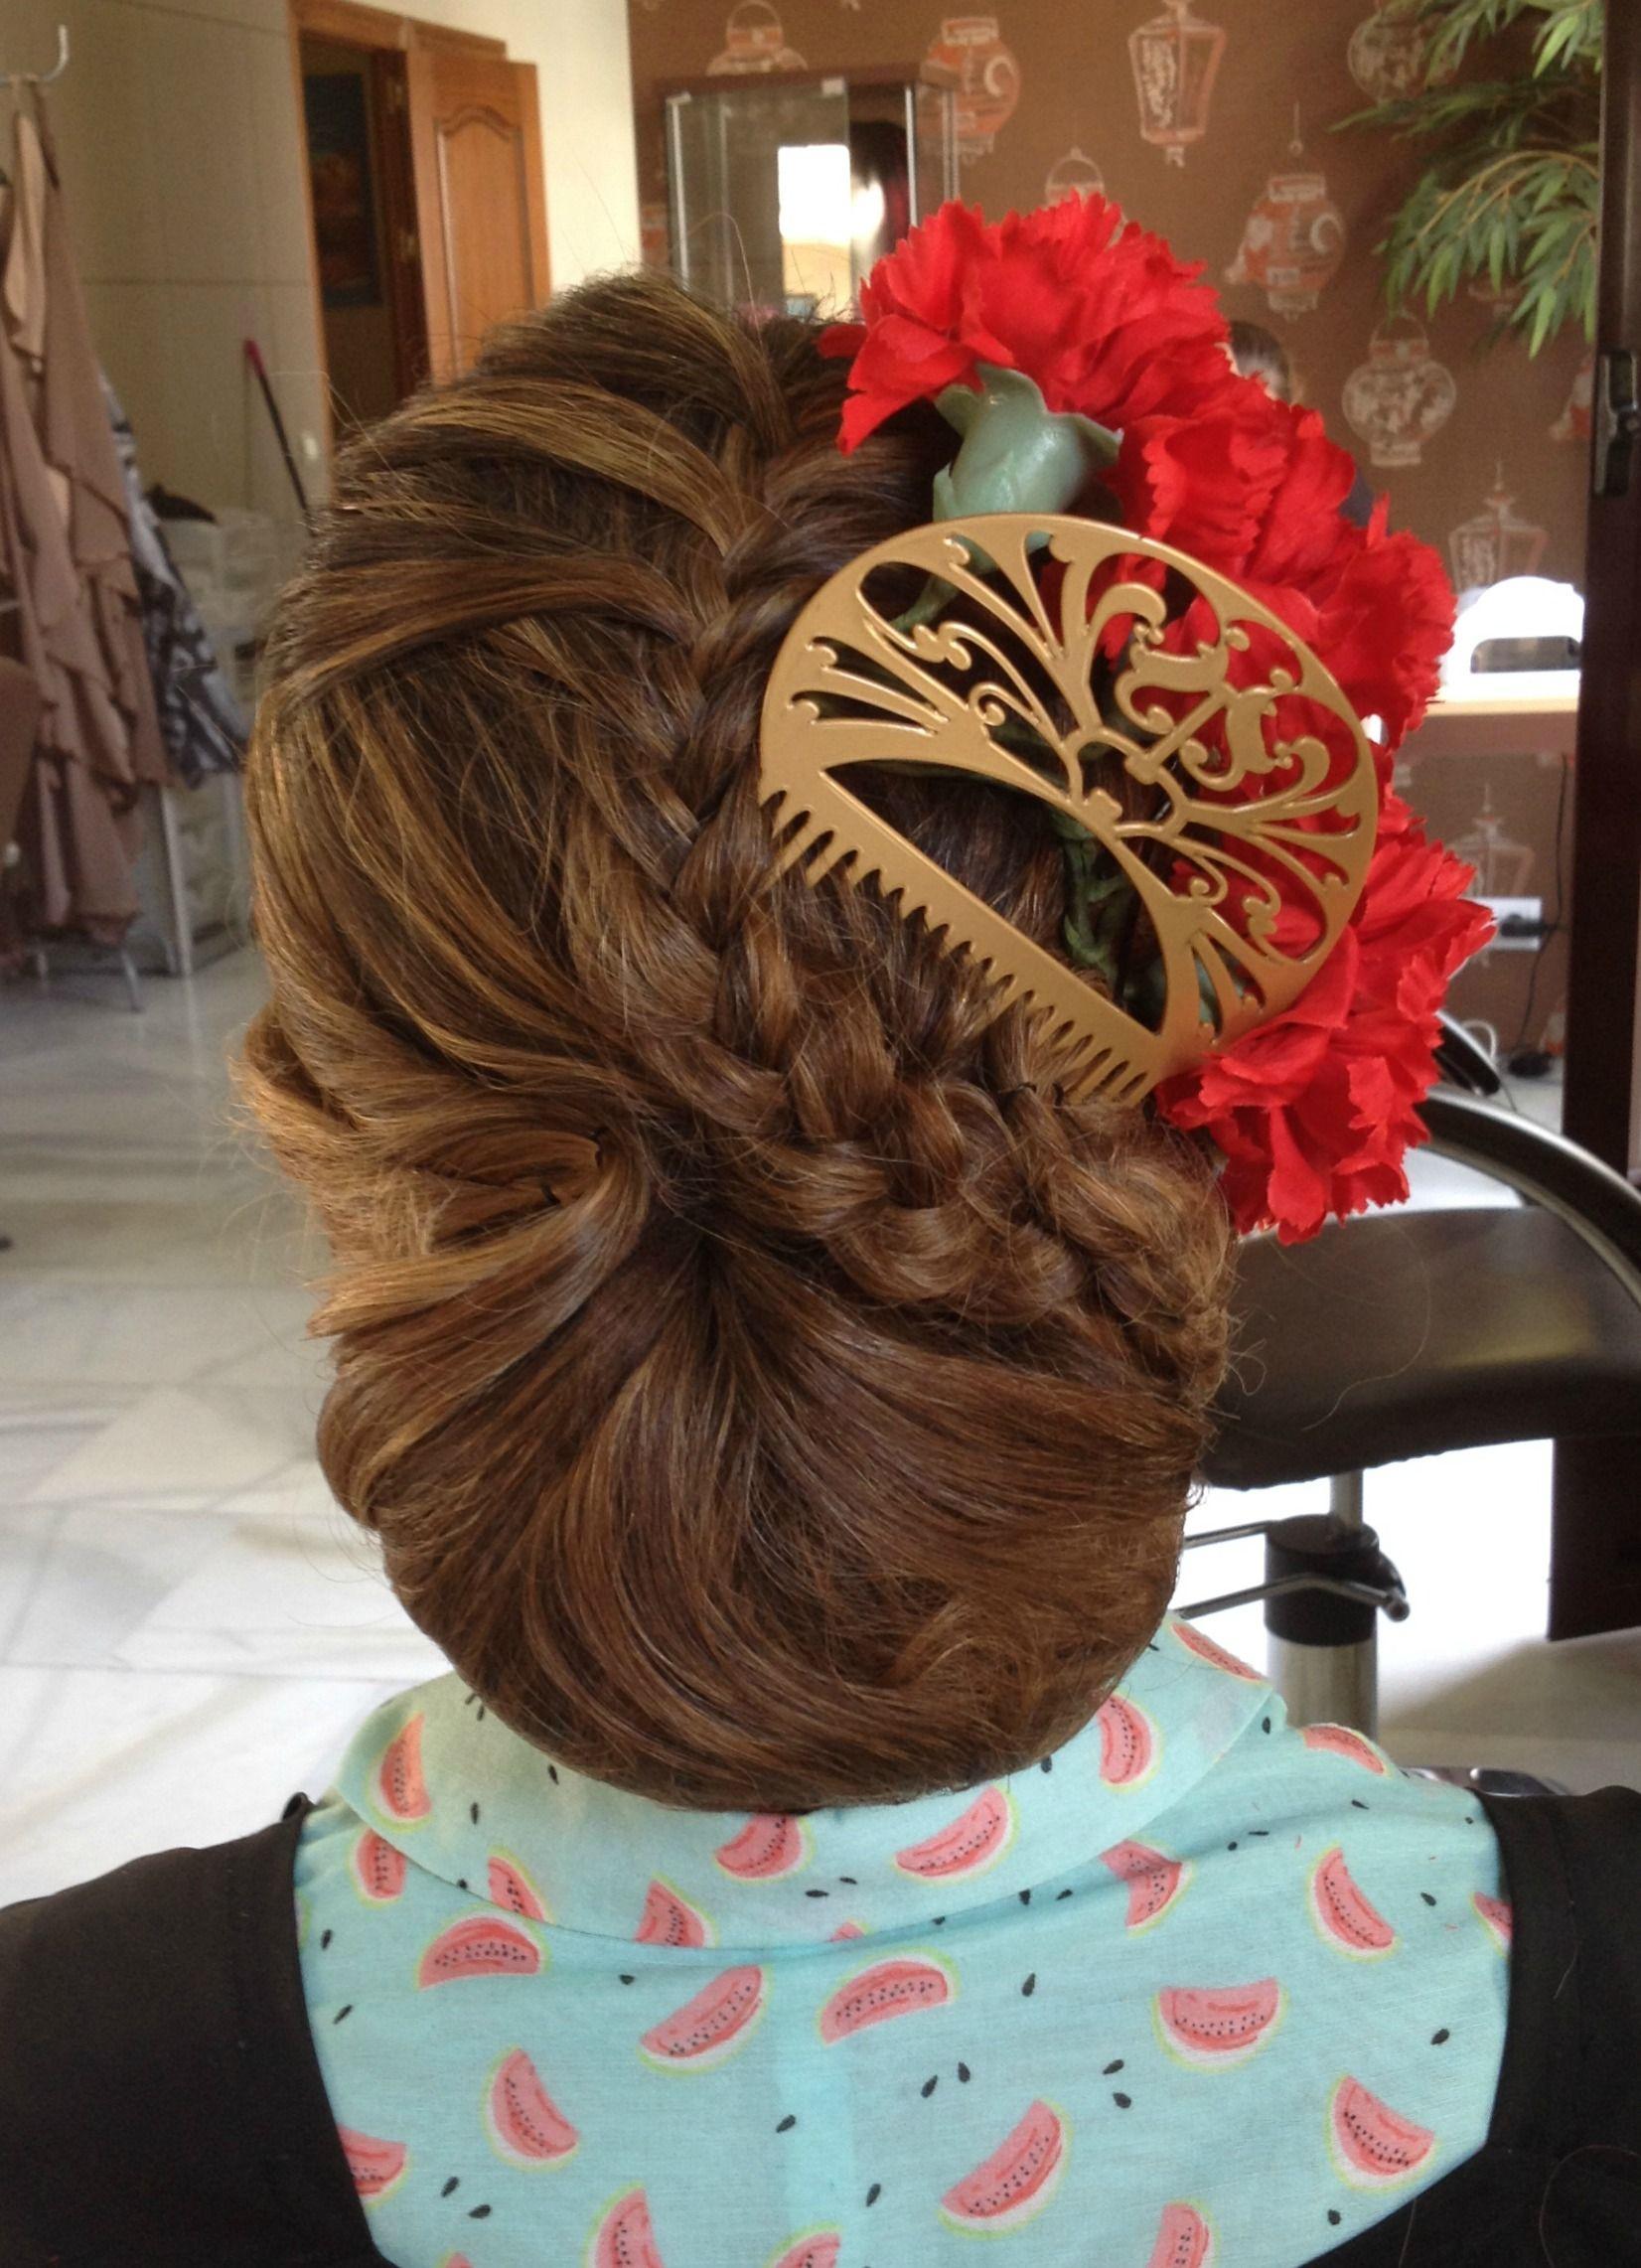 Encantador peinados feria Fotos de estilo de color de pelo - Recogido Feria de Jerez 2015   Peinados españoles, Pelo ...